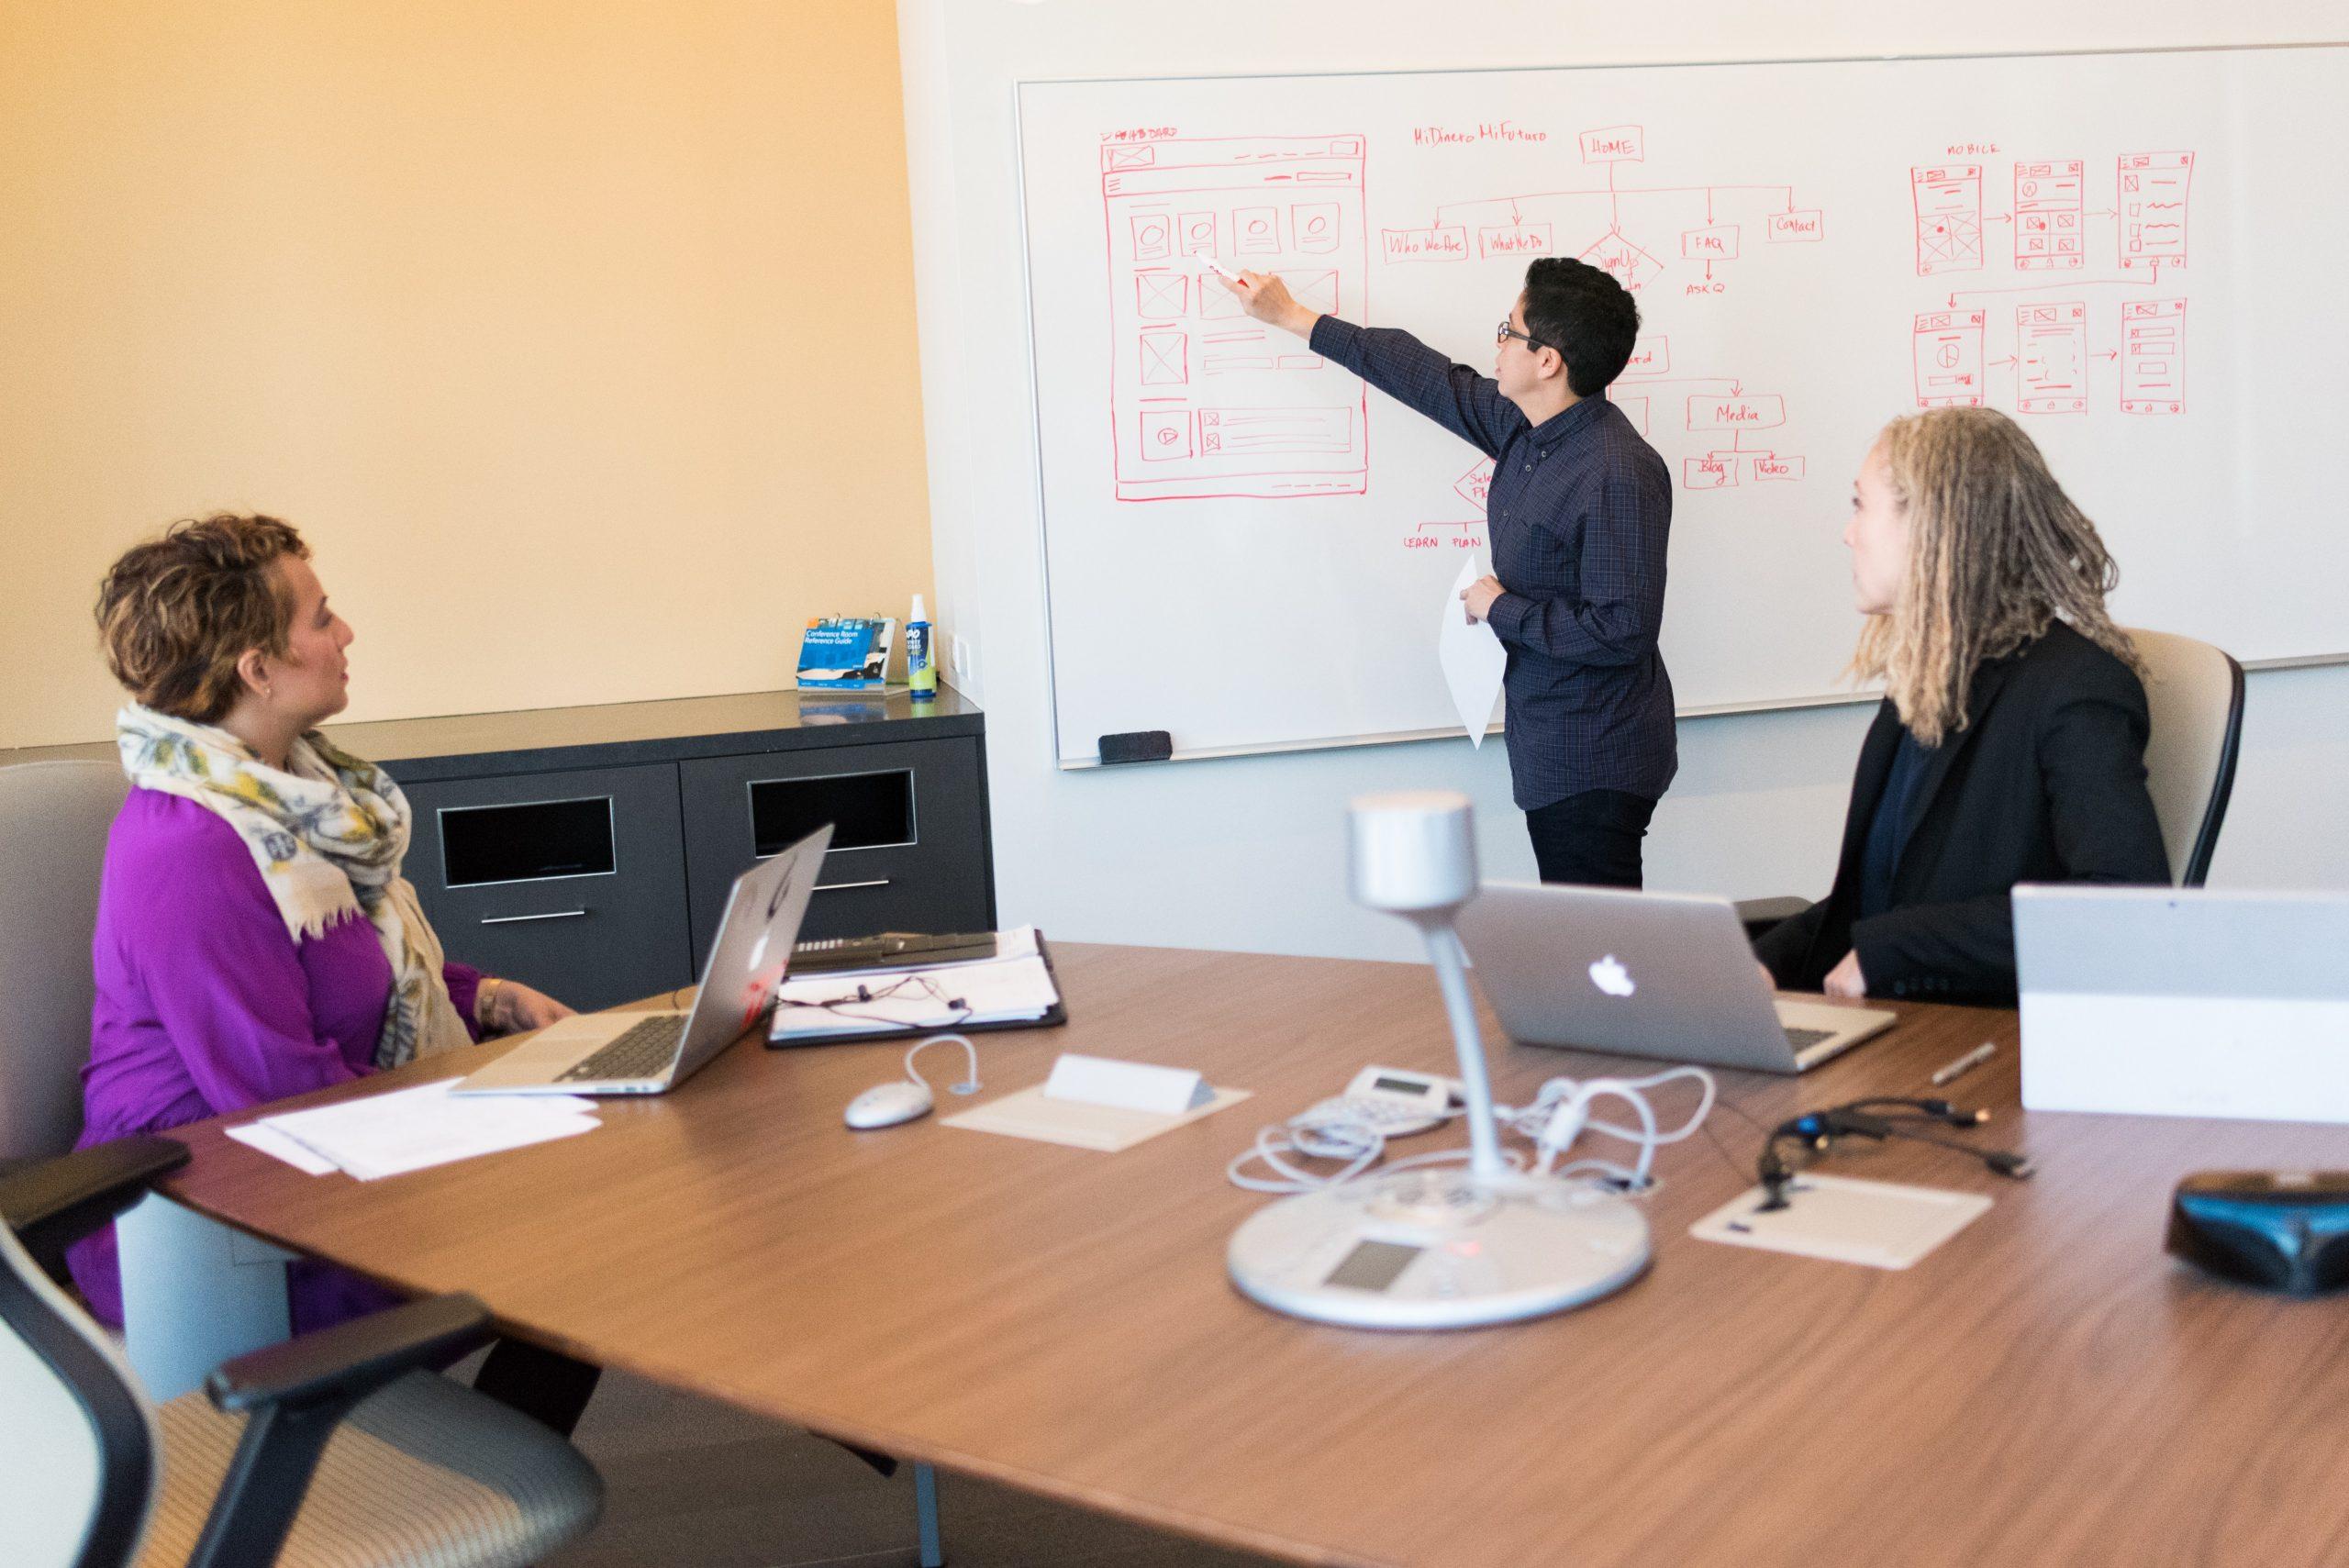 Consultoria De Software Para Techs: Como Encontrar Uma Empresa Que Foque No Seu Negócio De Tecnologia?